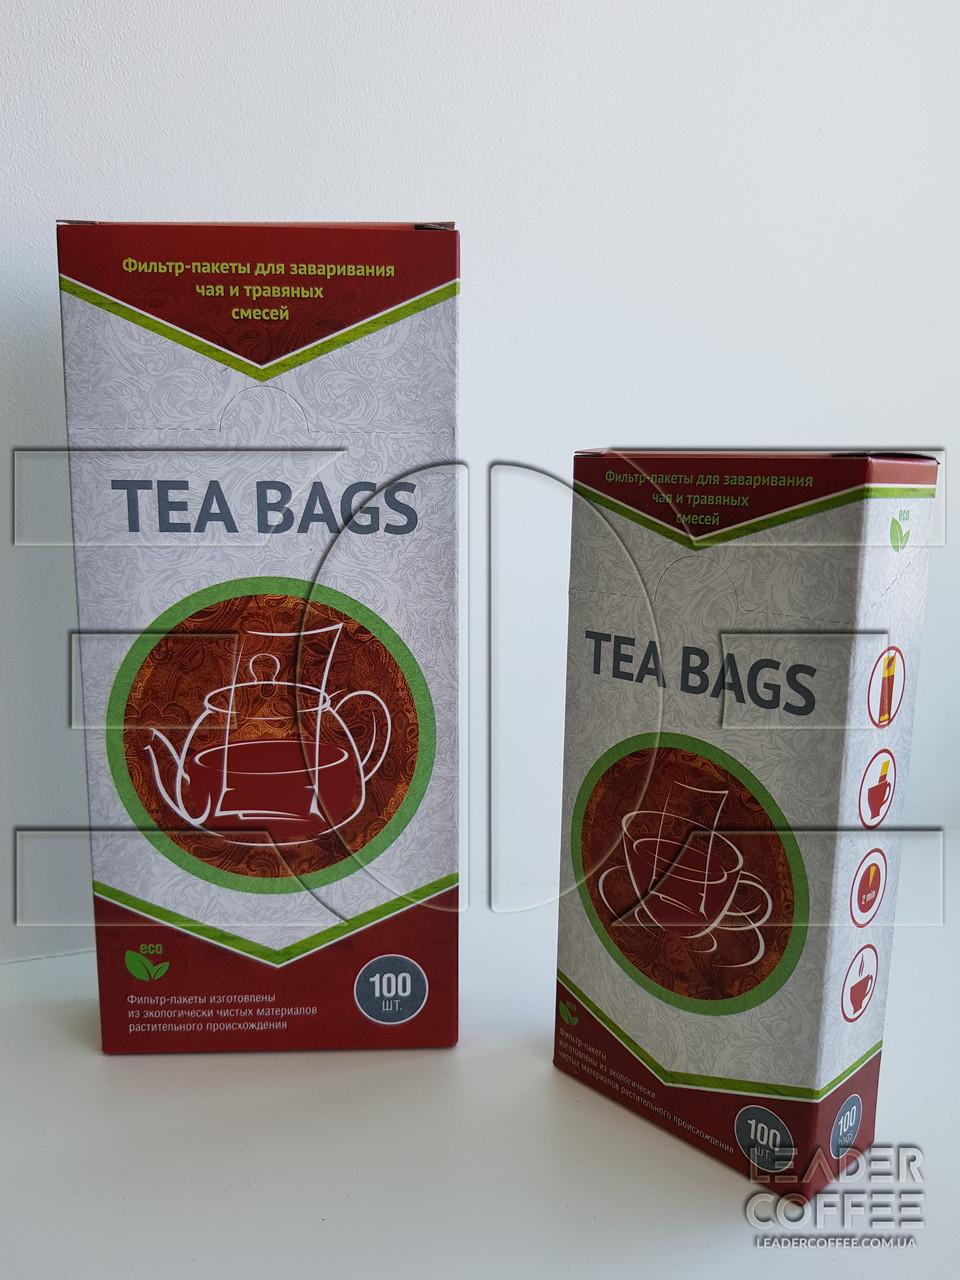 Фильтр-пакеты для чая на чайник 1уп (100шт)